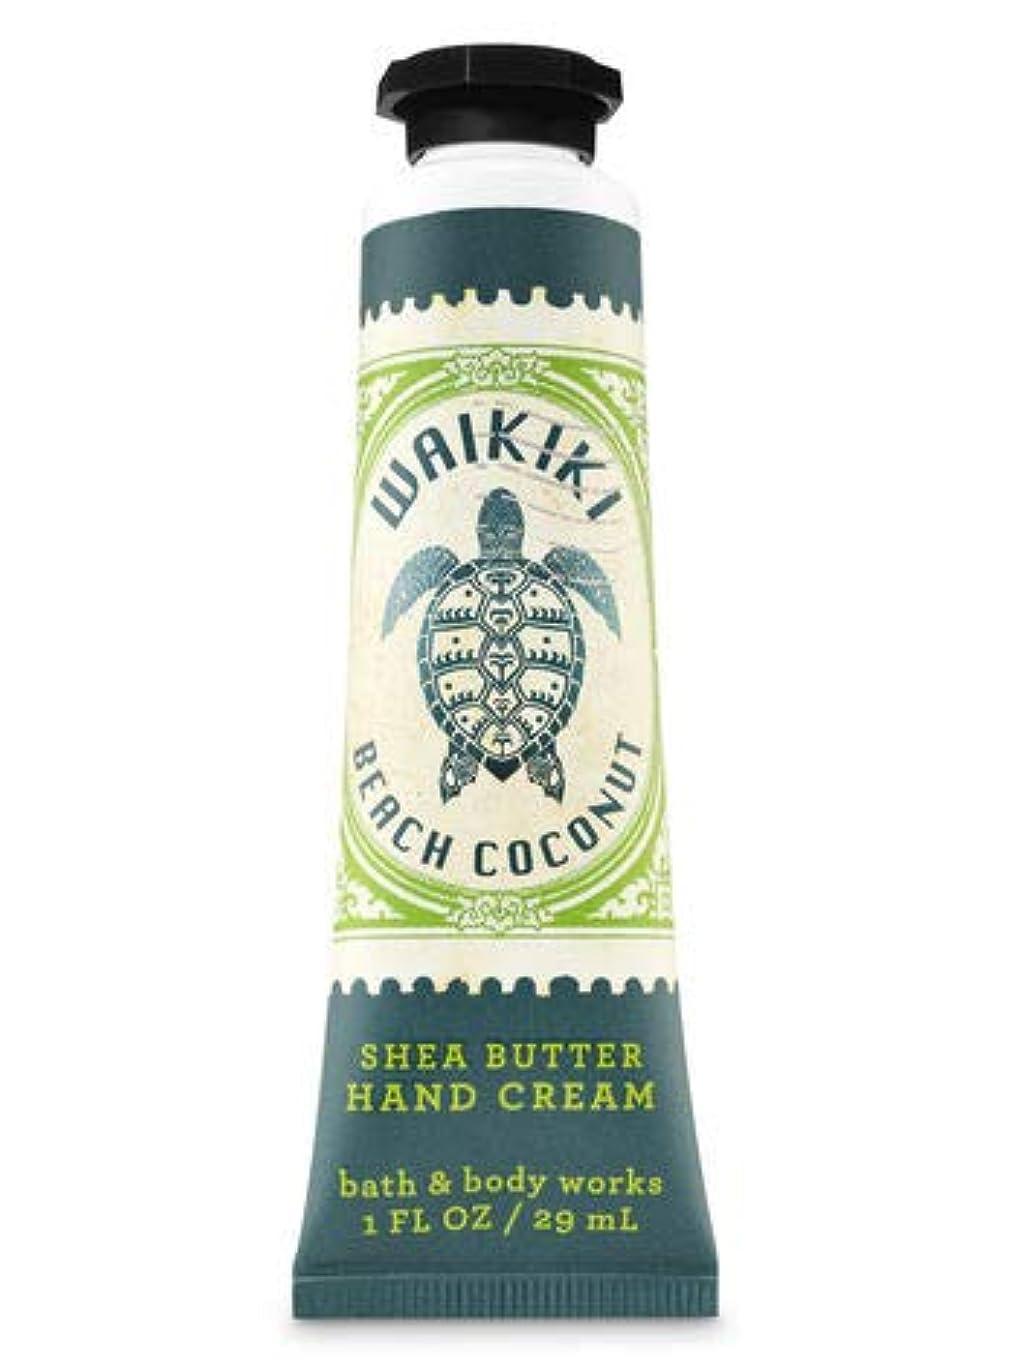 ランデブーマーク必要条件【Bath&Body Works/バス&ボディワークス】 シアバター ハンドクリーム ワイキキビーチココナッツ Shea Butter Hand Cream Waikiki Beach Coconut 1 fl oz / 29 mL [並行輸入品]